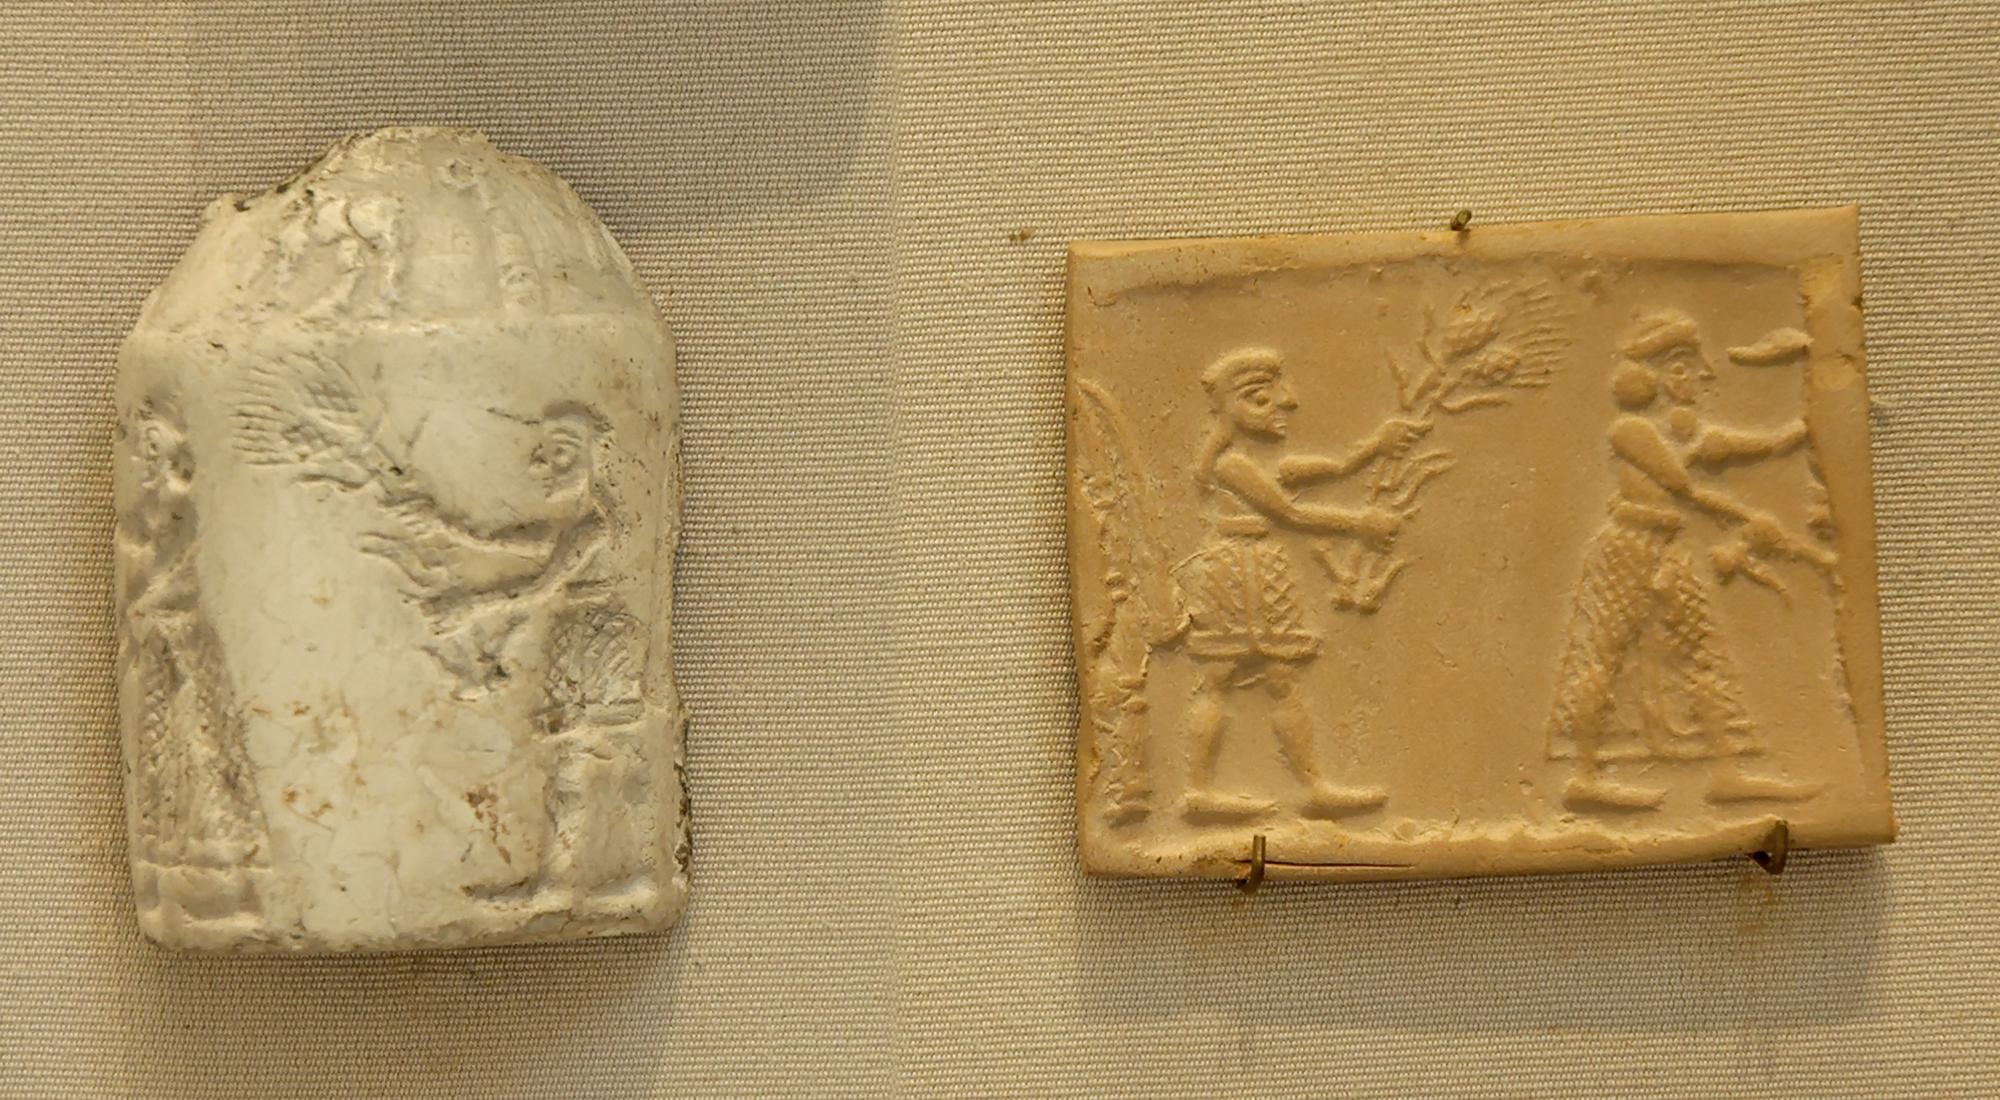 上图:主前3100年的乌鲁克时期的滚筒印章(Cylinder seal)。滚筒印章是古代中东人普遍使用的印章,上面刻有图案故事,在湿的粘土上滚动按压后,可留下连续的图案。滚筒印章发明于主前3500年左右的苏萨和乌鲁克。